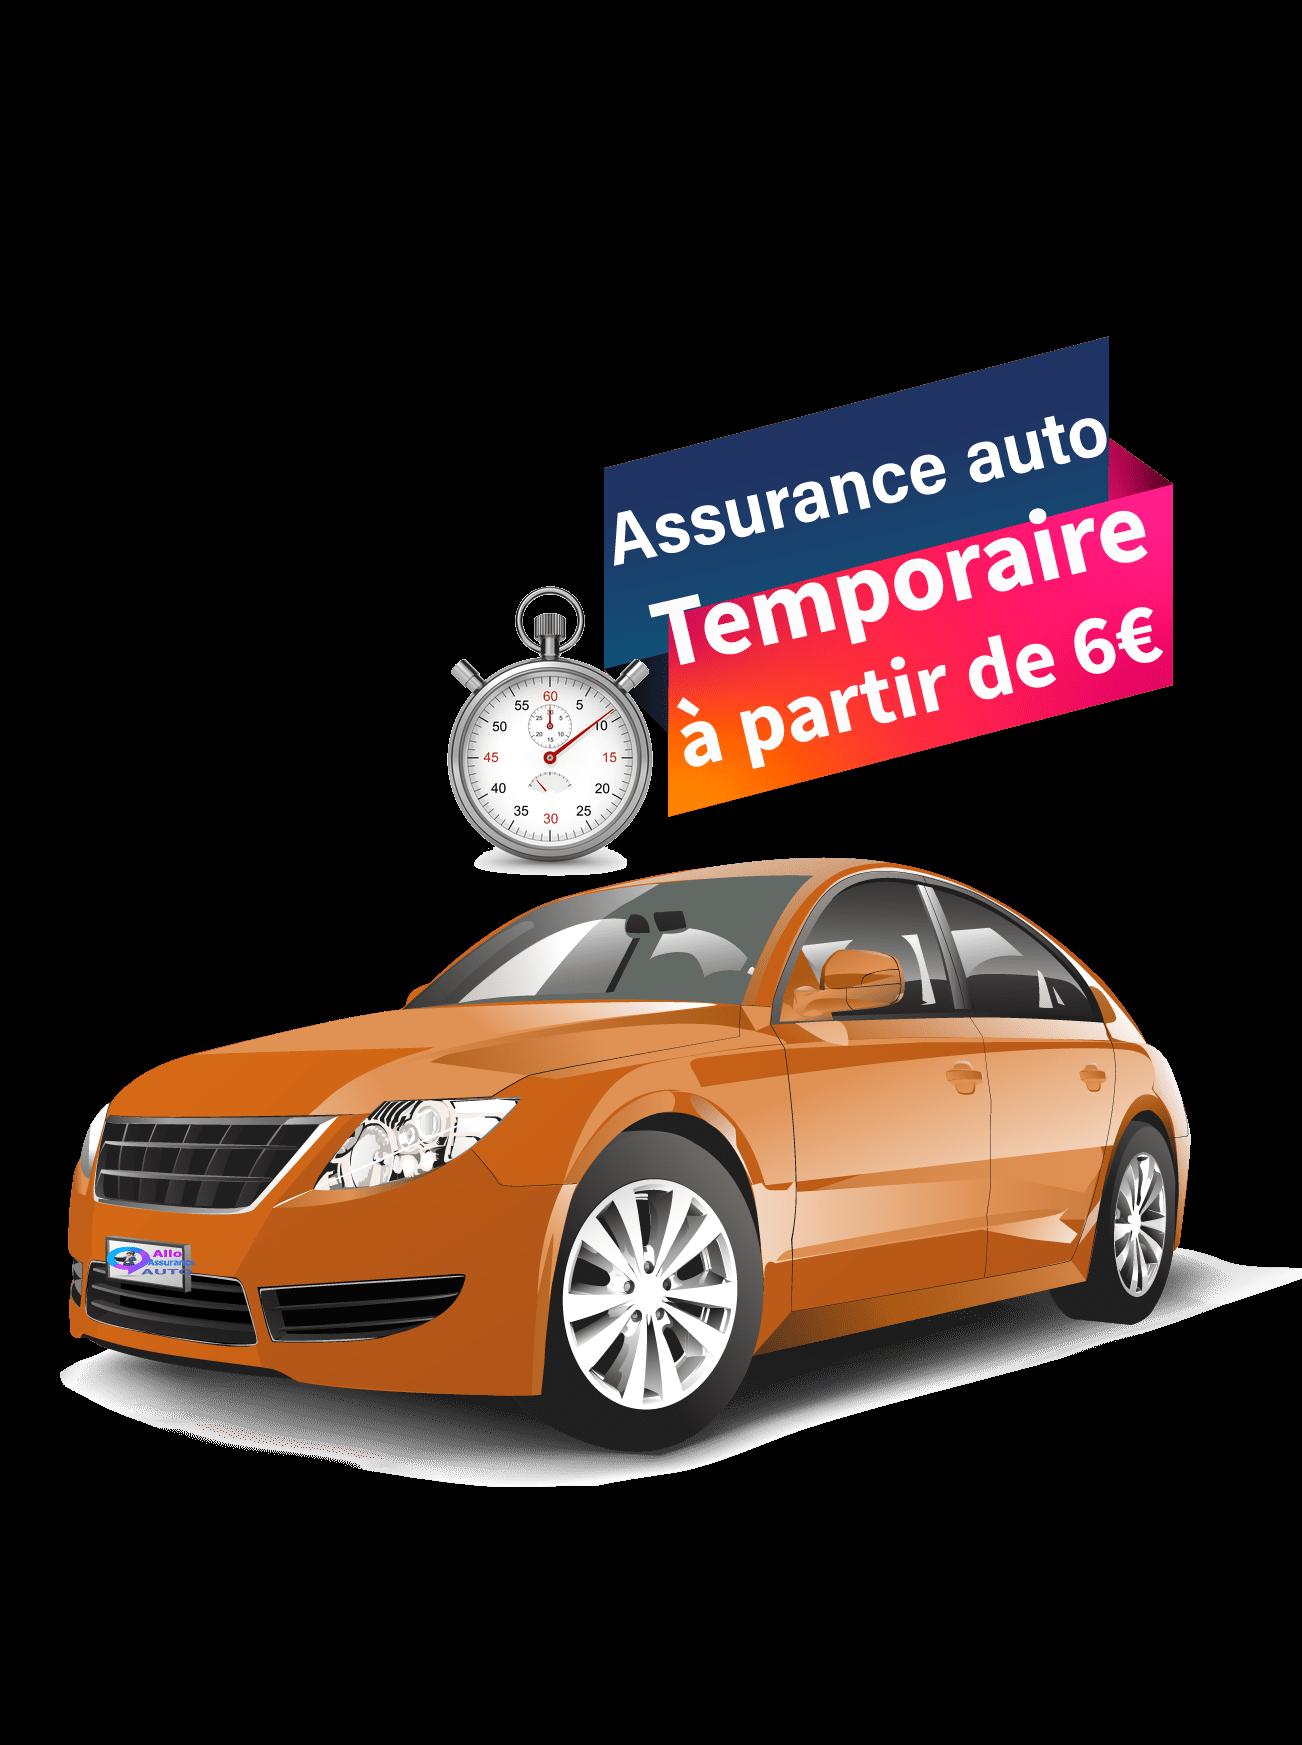 Assurance auto temporaire en ligne